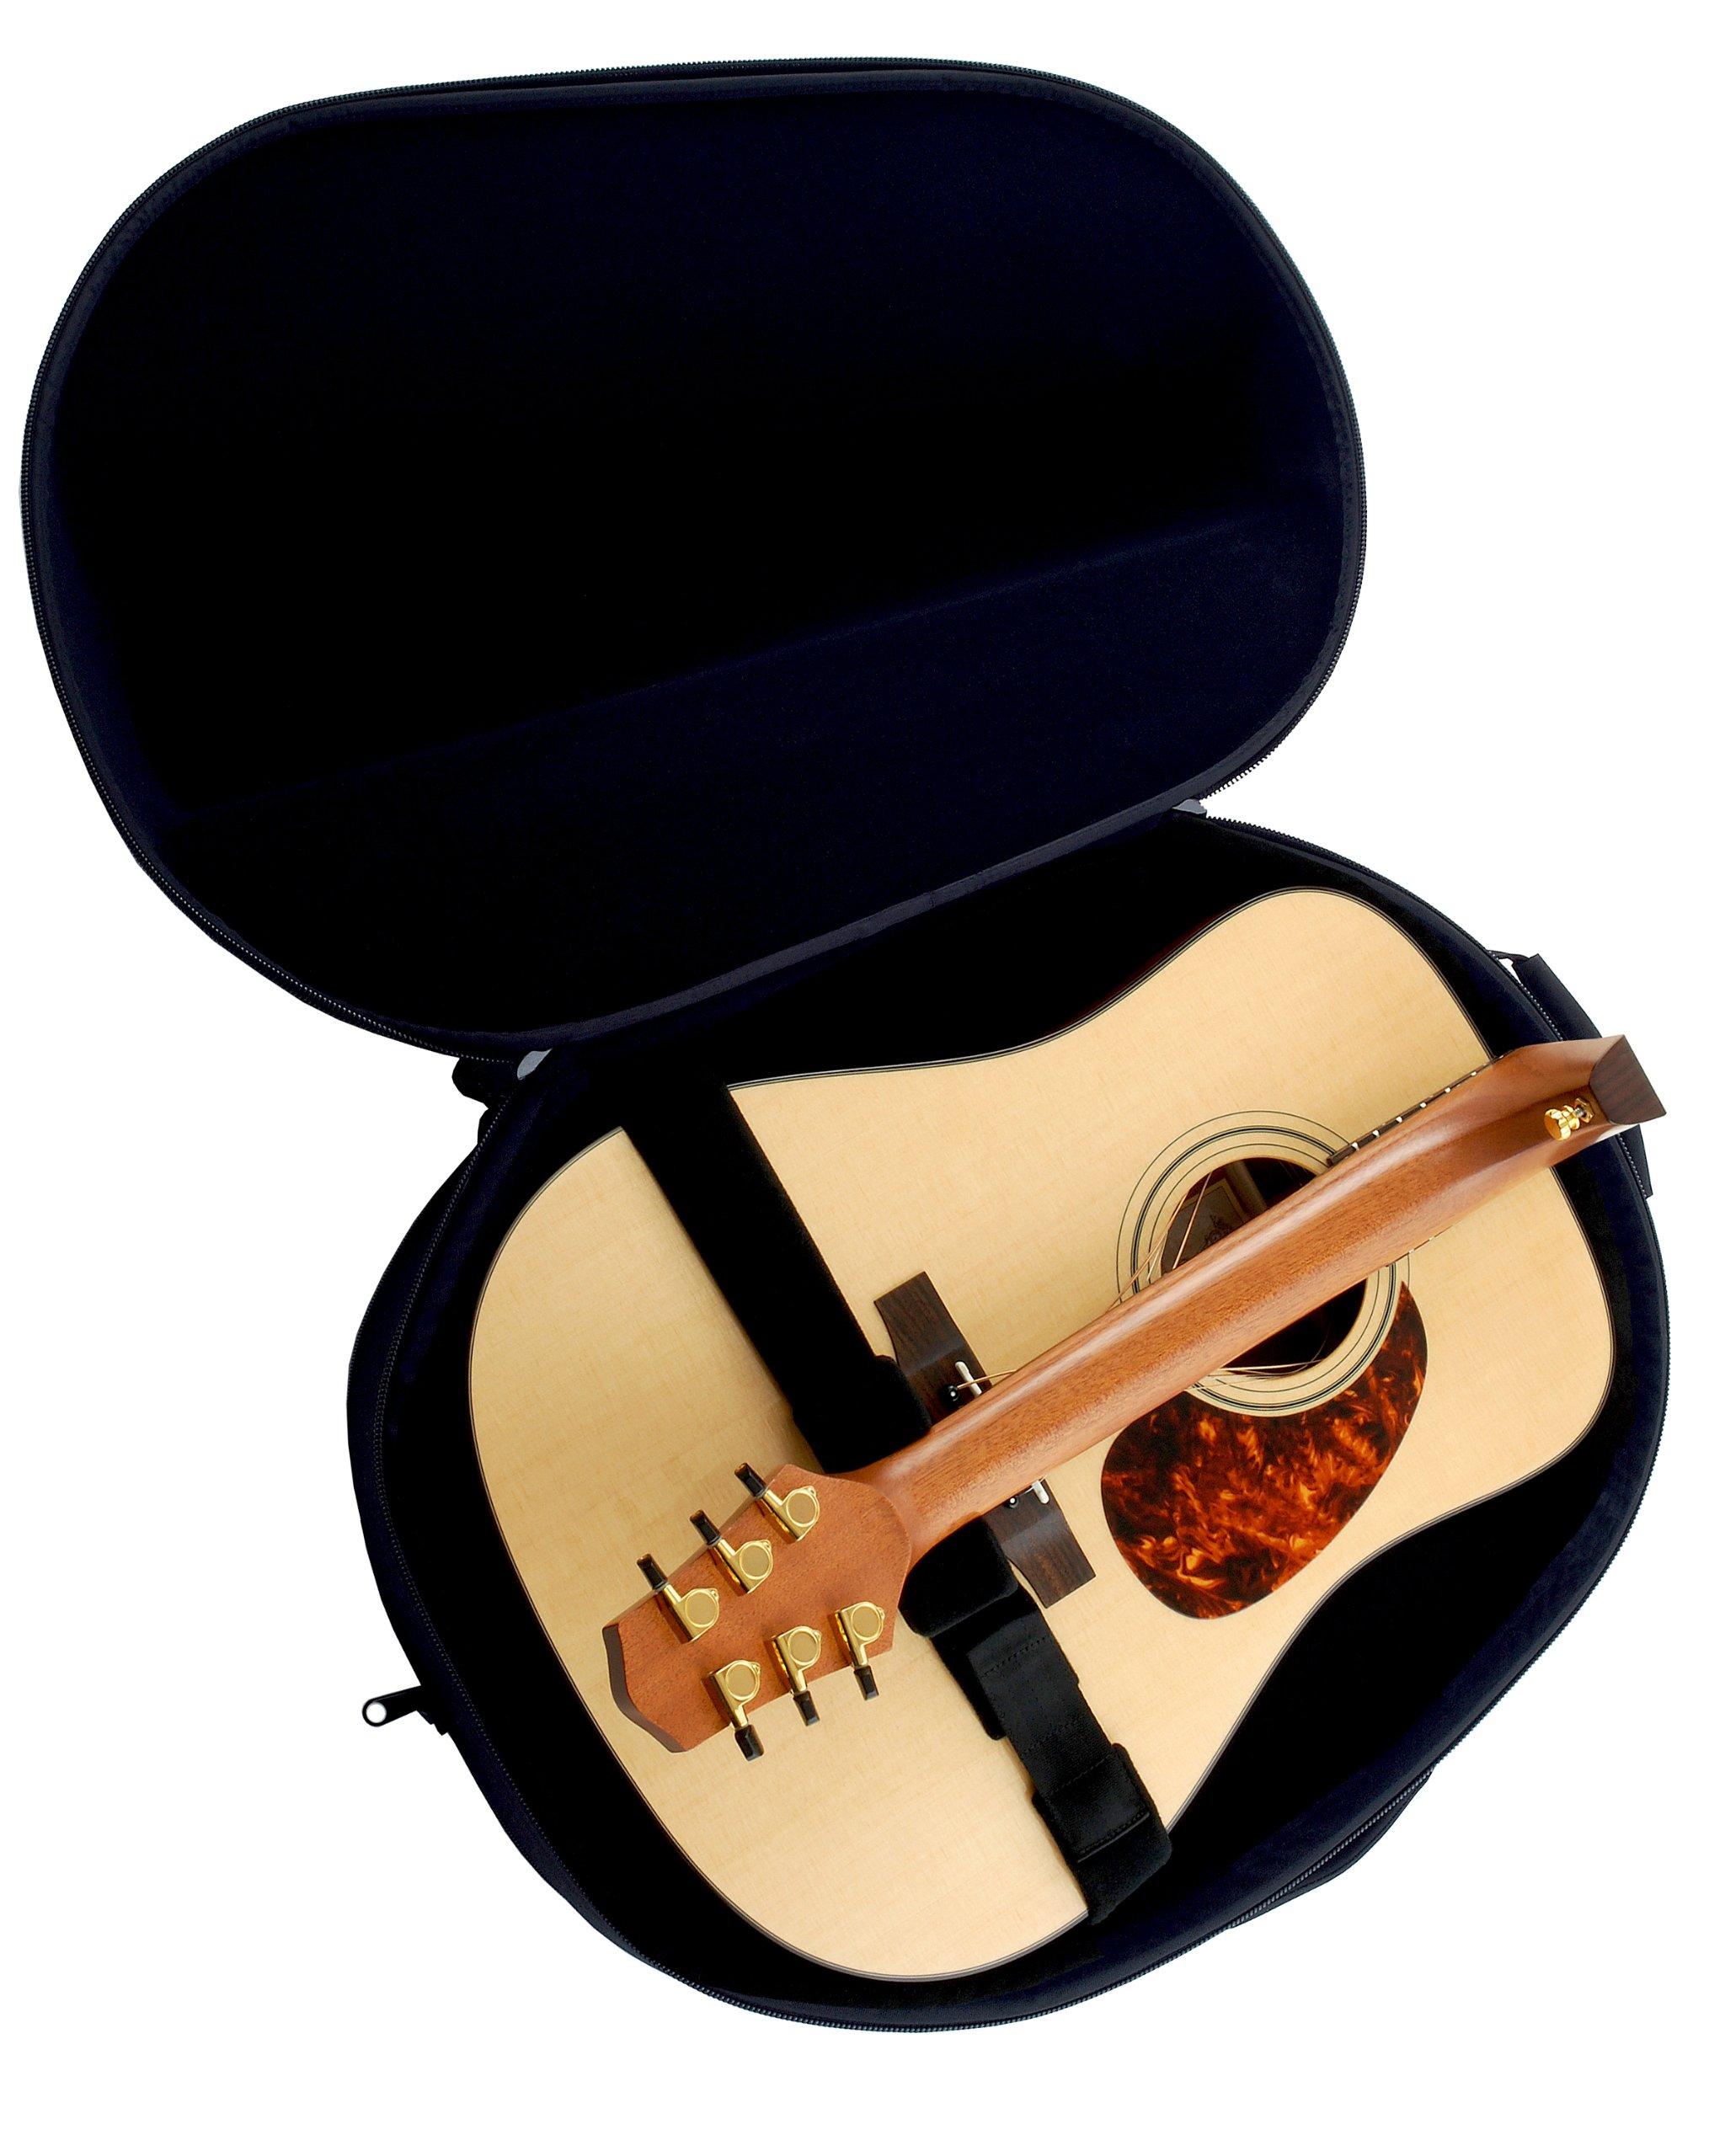 Voyage Air Guitar VAD-1 - Guitarra acústica con cuerdas metálicas (caoba, tipo dreadnought): Amazon.es: Instrumentos musicales